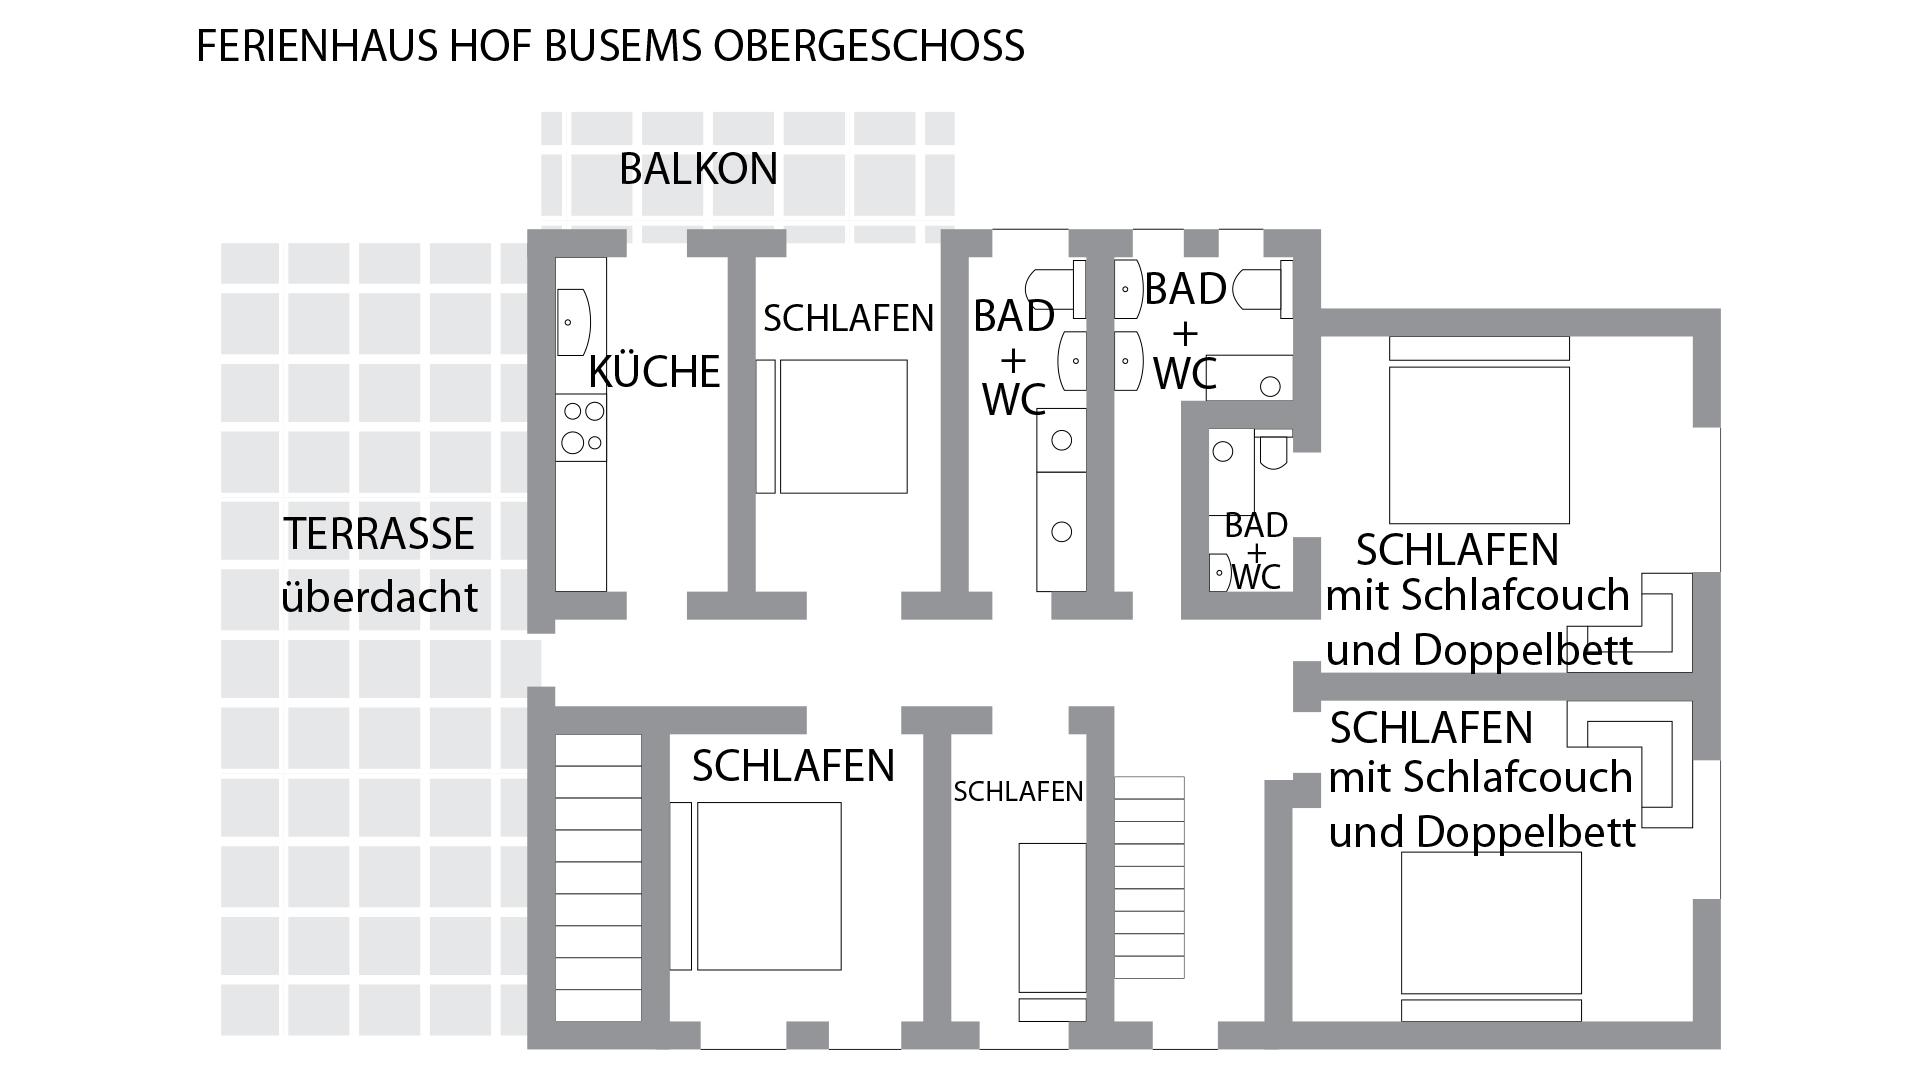 FERIENHAUS Hof Busems Obergeschoss